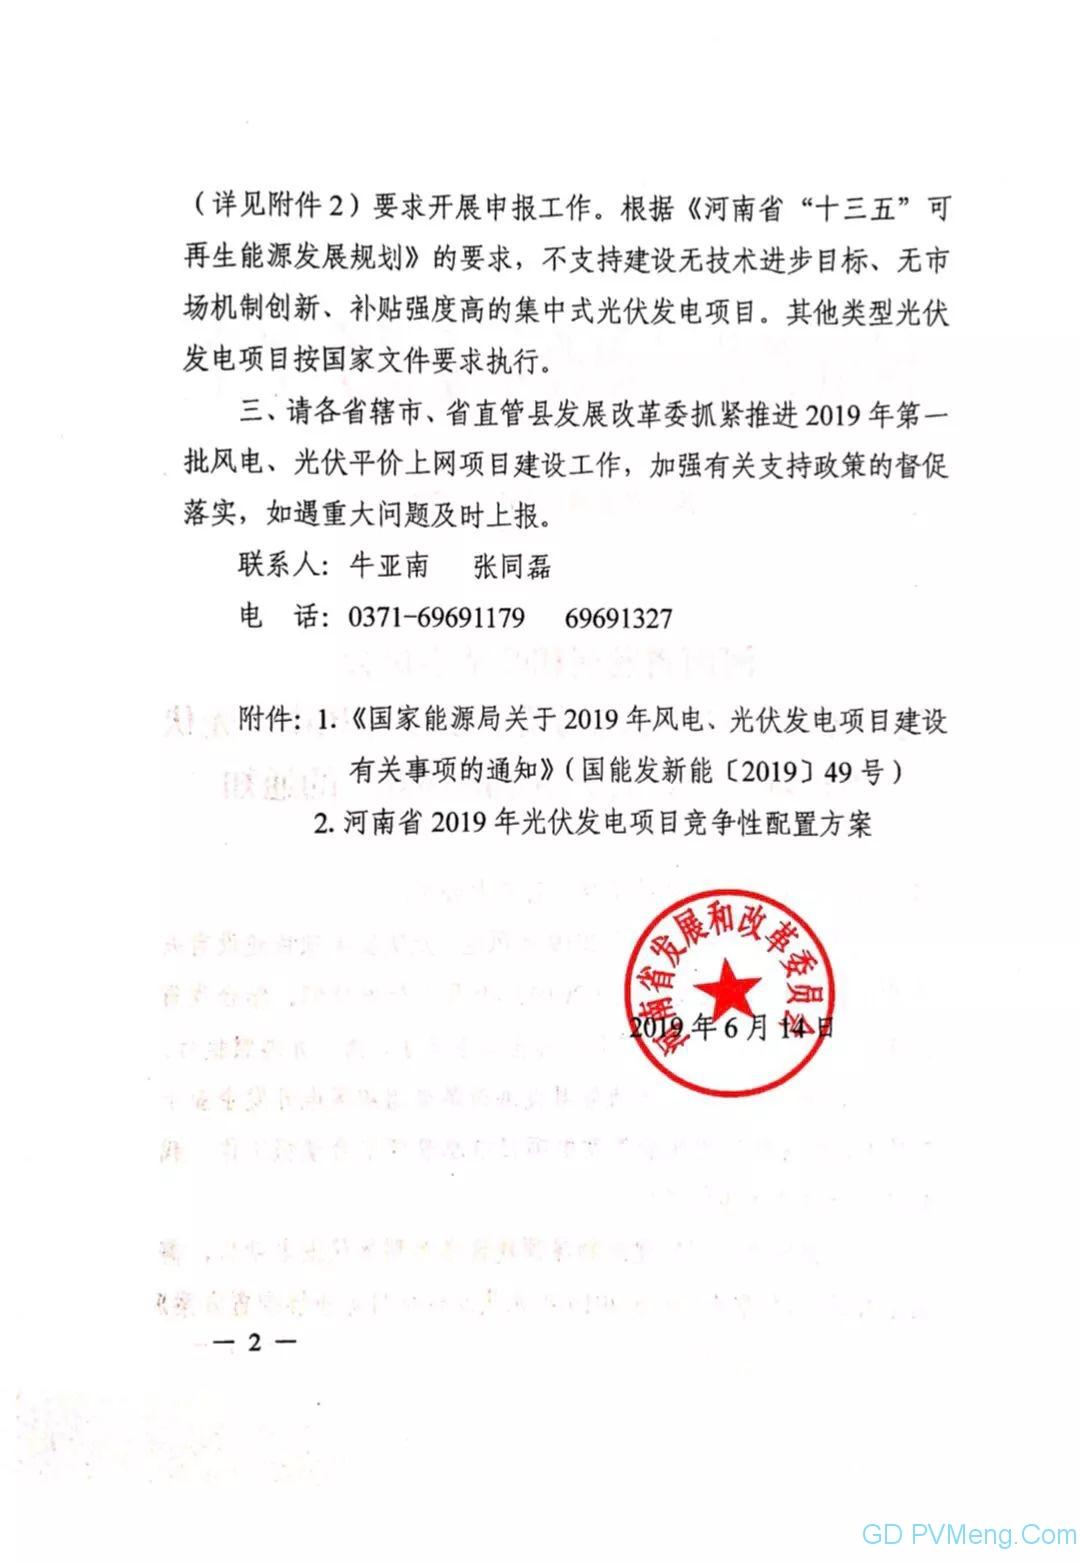 豫6月24日截止||河南省发改委关于转发《国家能源局关于2019年风电、光伏发电项目建设有关事项的通知》的通知20190614